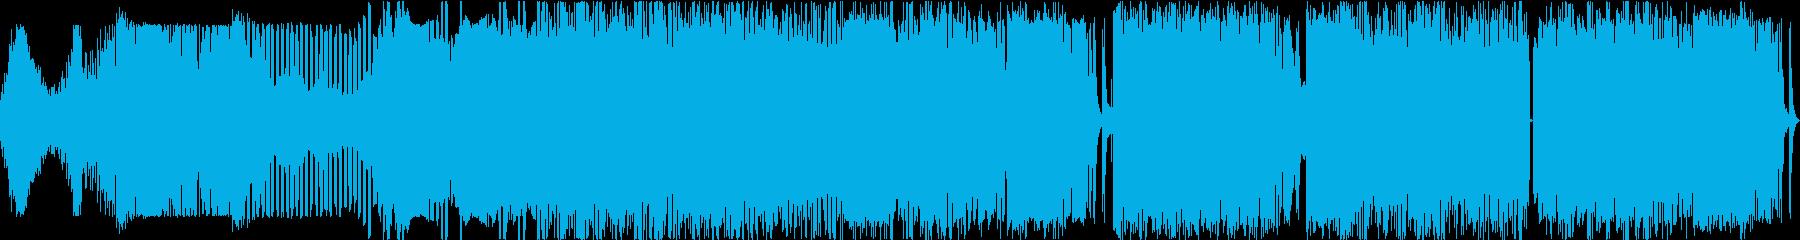 サスペンス。ベースシーケンスシンセ...の再生済みの波形